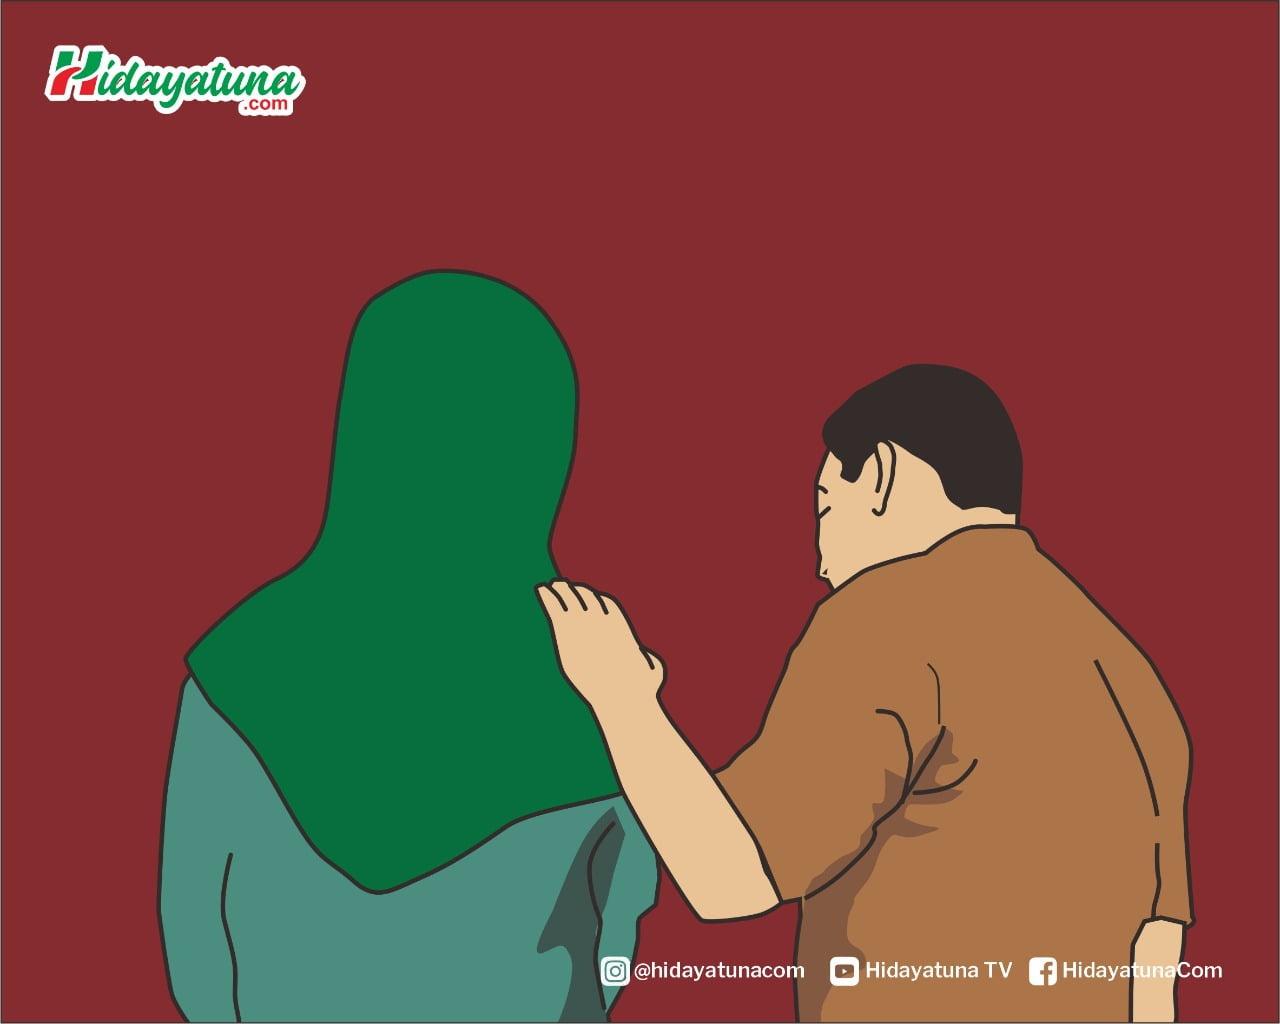 Memperlakukan istri dengan baik sesuai hadis (Ilustrasi/Hidayatuna)